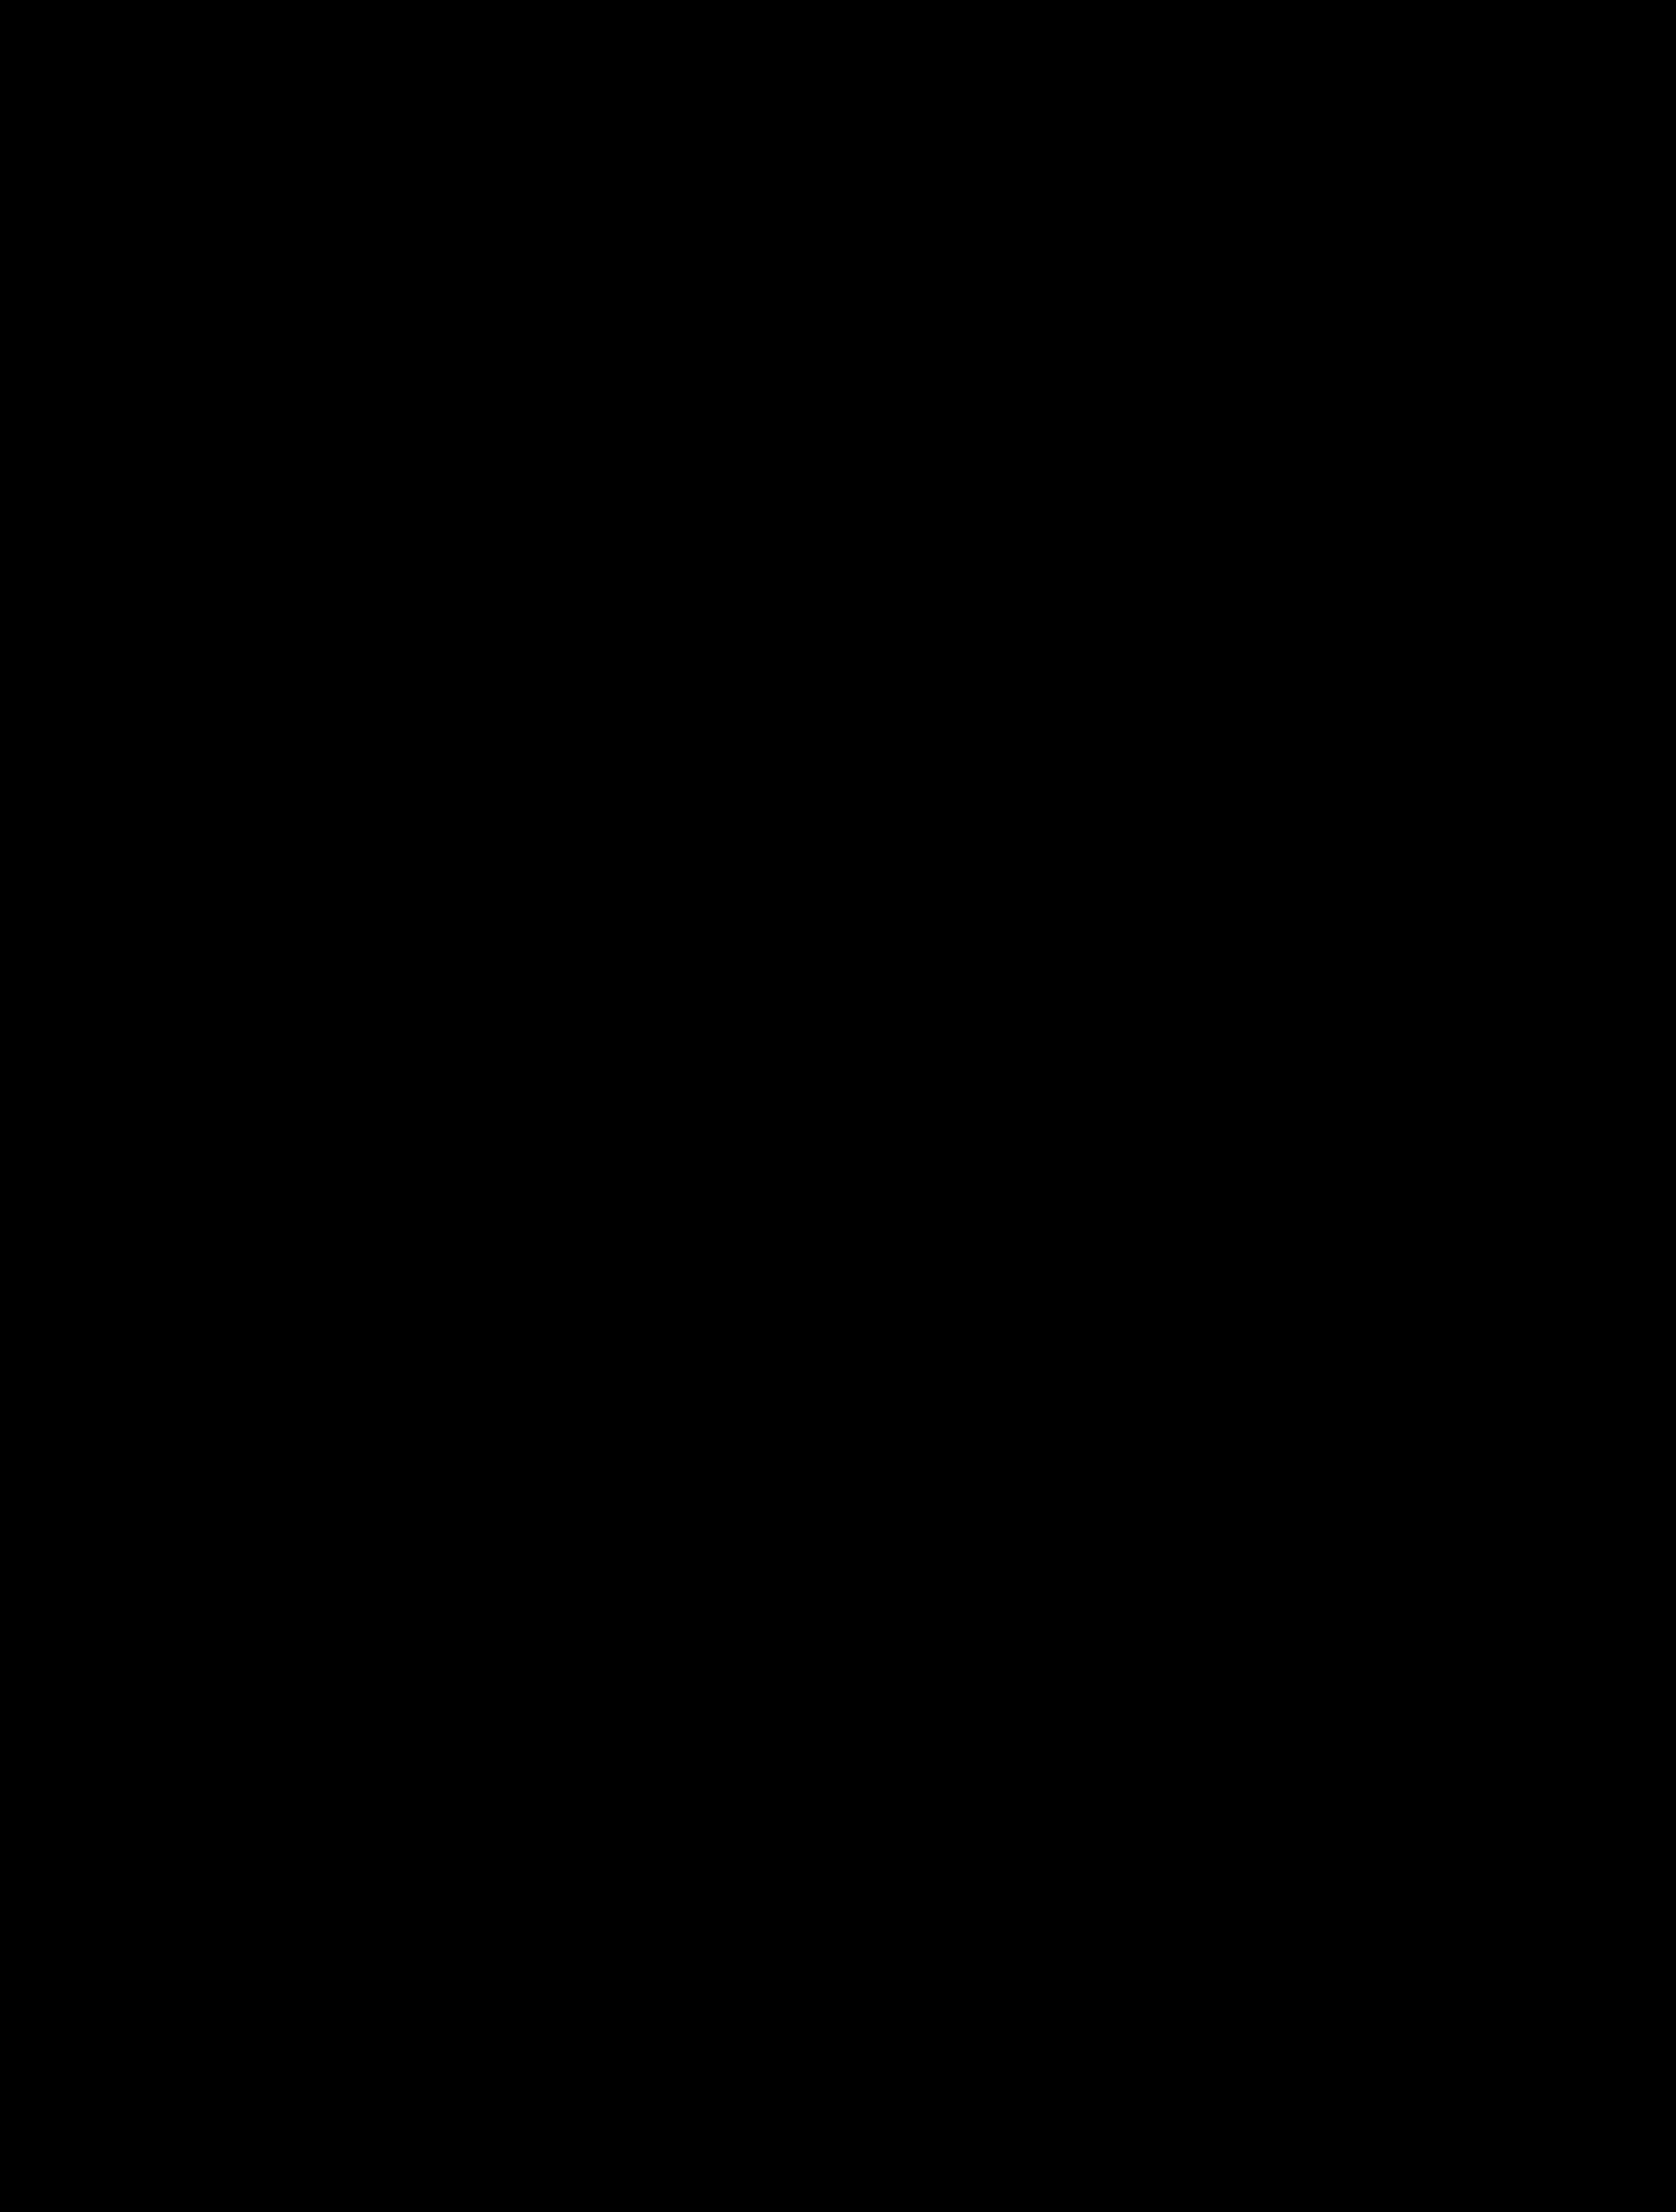 Les Filles de Simone débattent avec un humour percutant sur le corps des femmes.